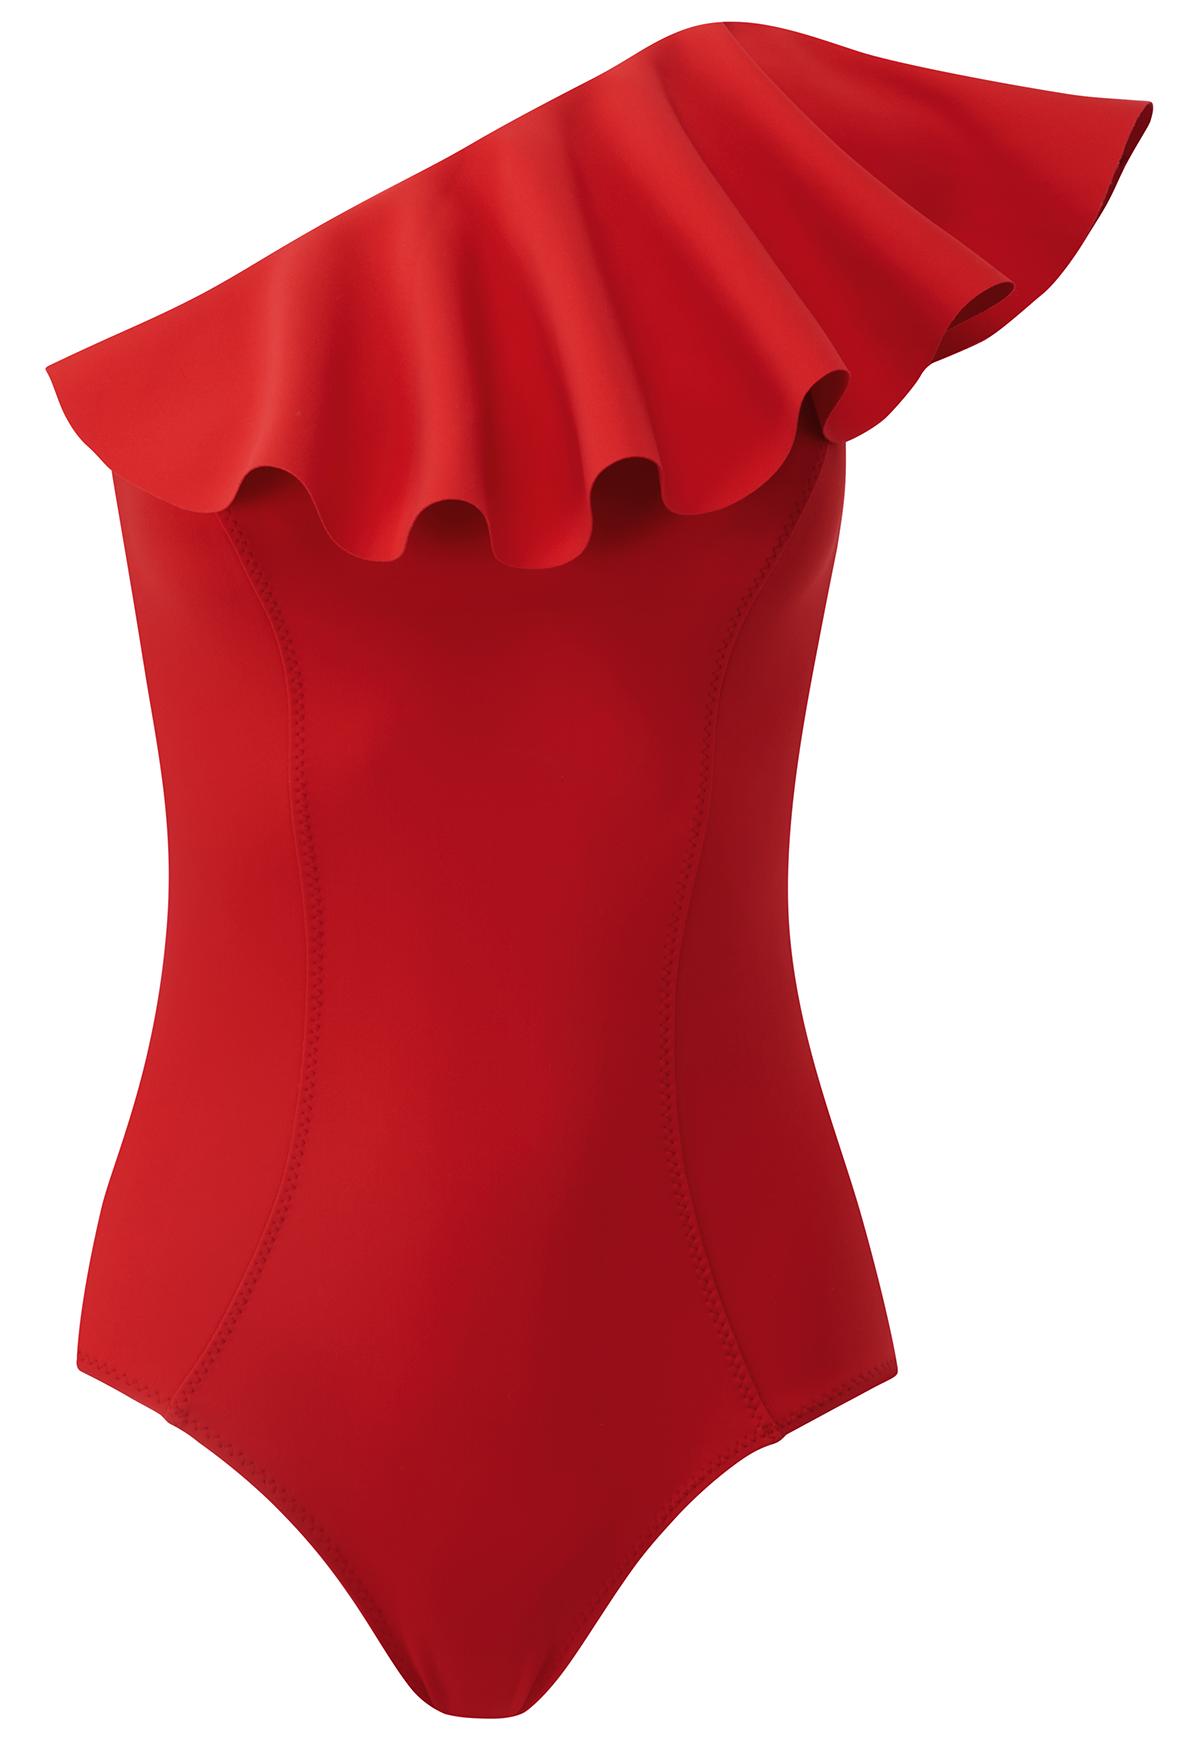 Слитный купальник Arden Flounce от Lisa Marie Fernandez, $430 (*крупная декоративная «волна»)